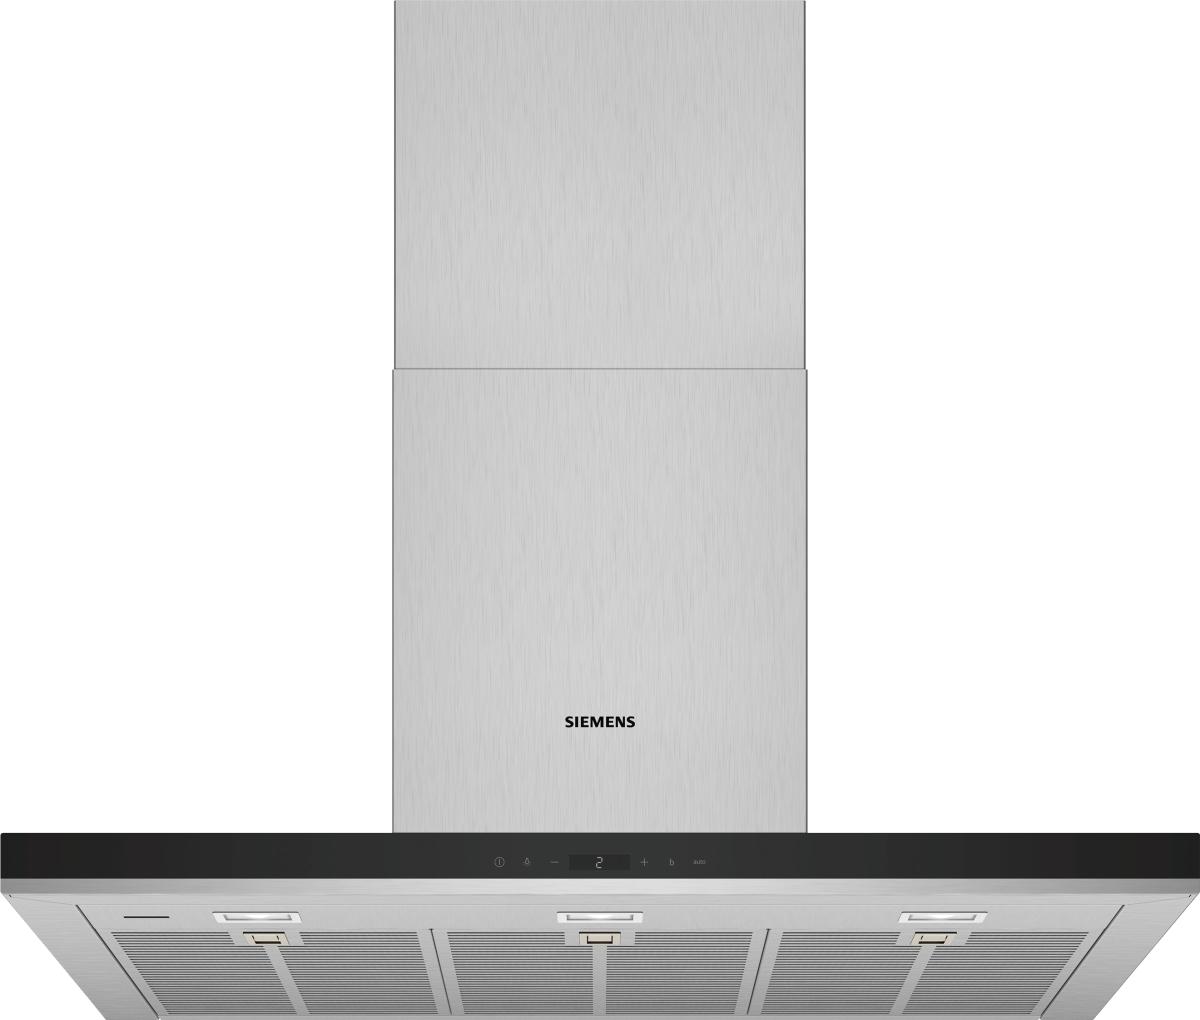 Siemens LC98BIT50Wandhaube 90cm breit